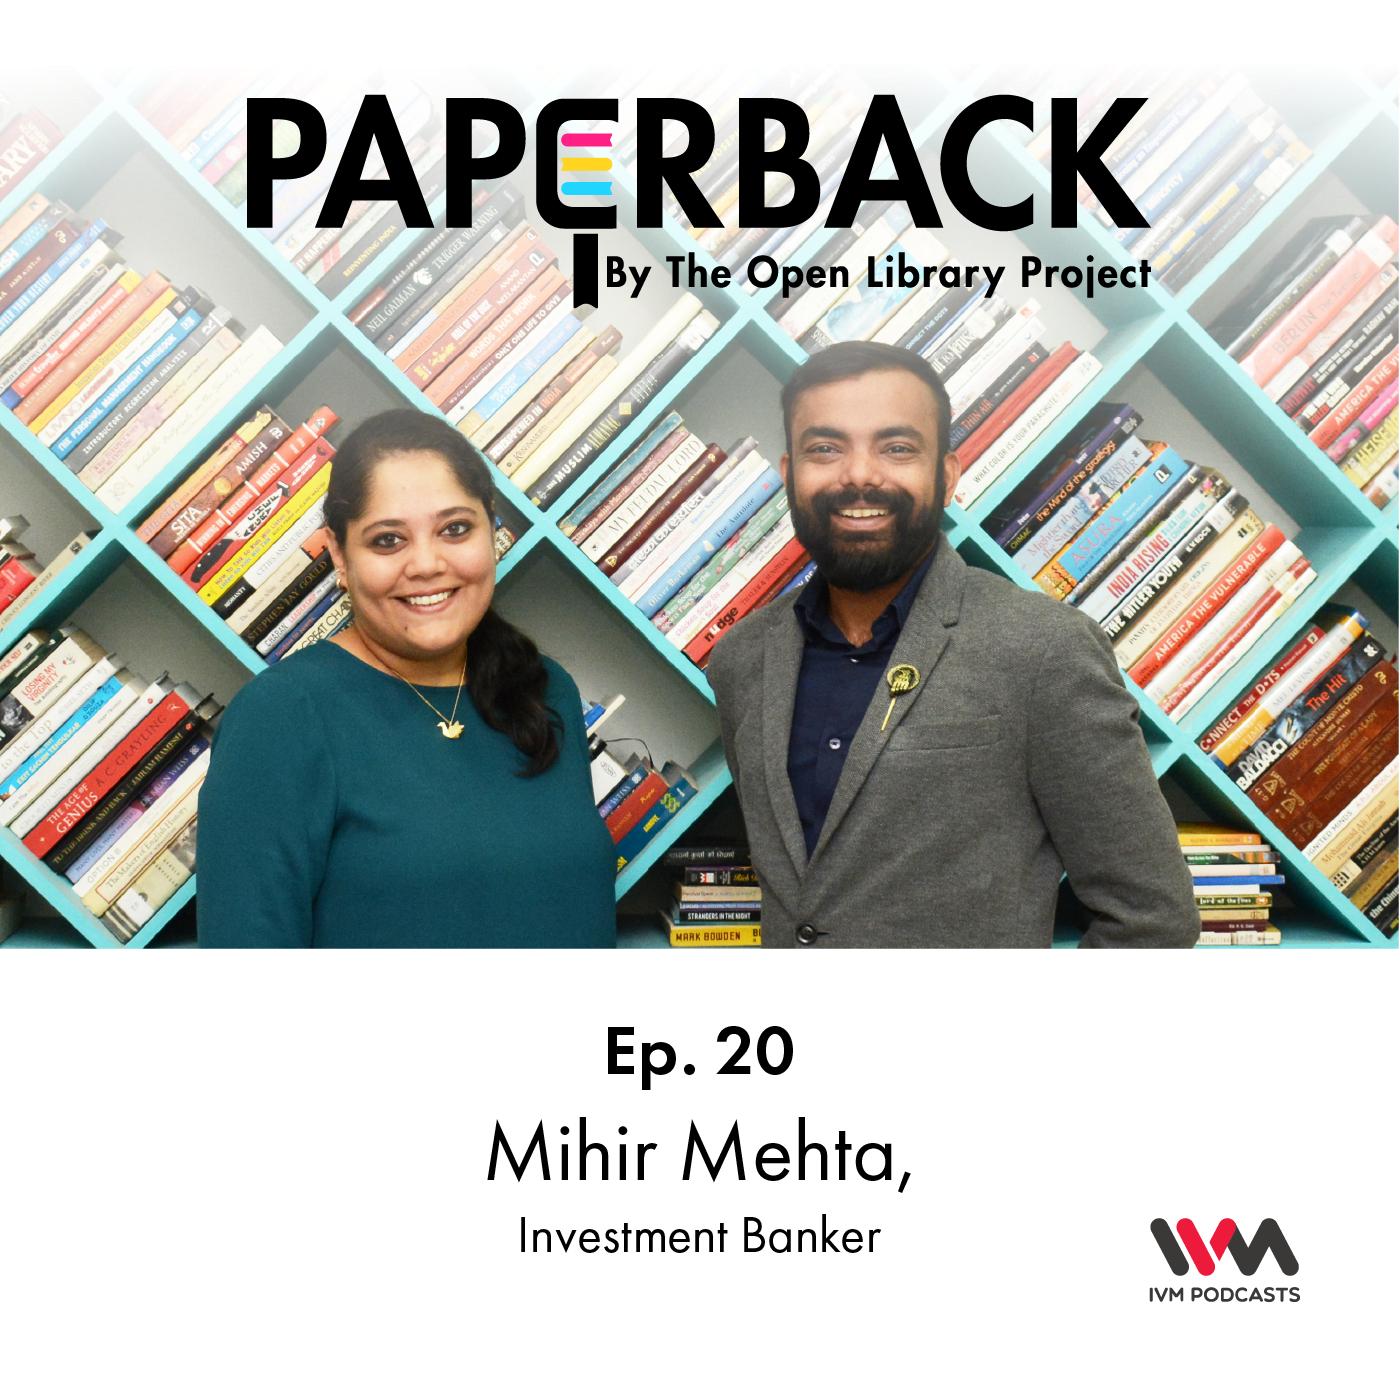 Ep. 20: Mihir Mehta